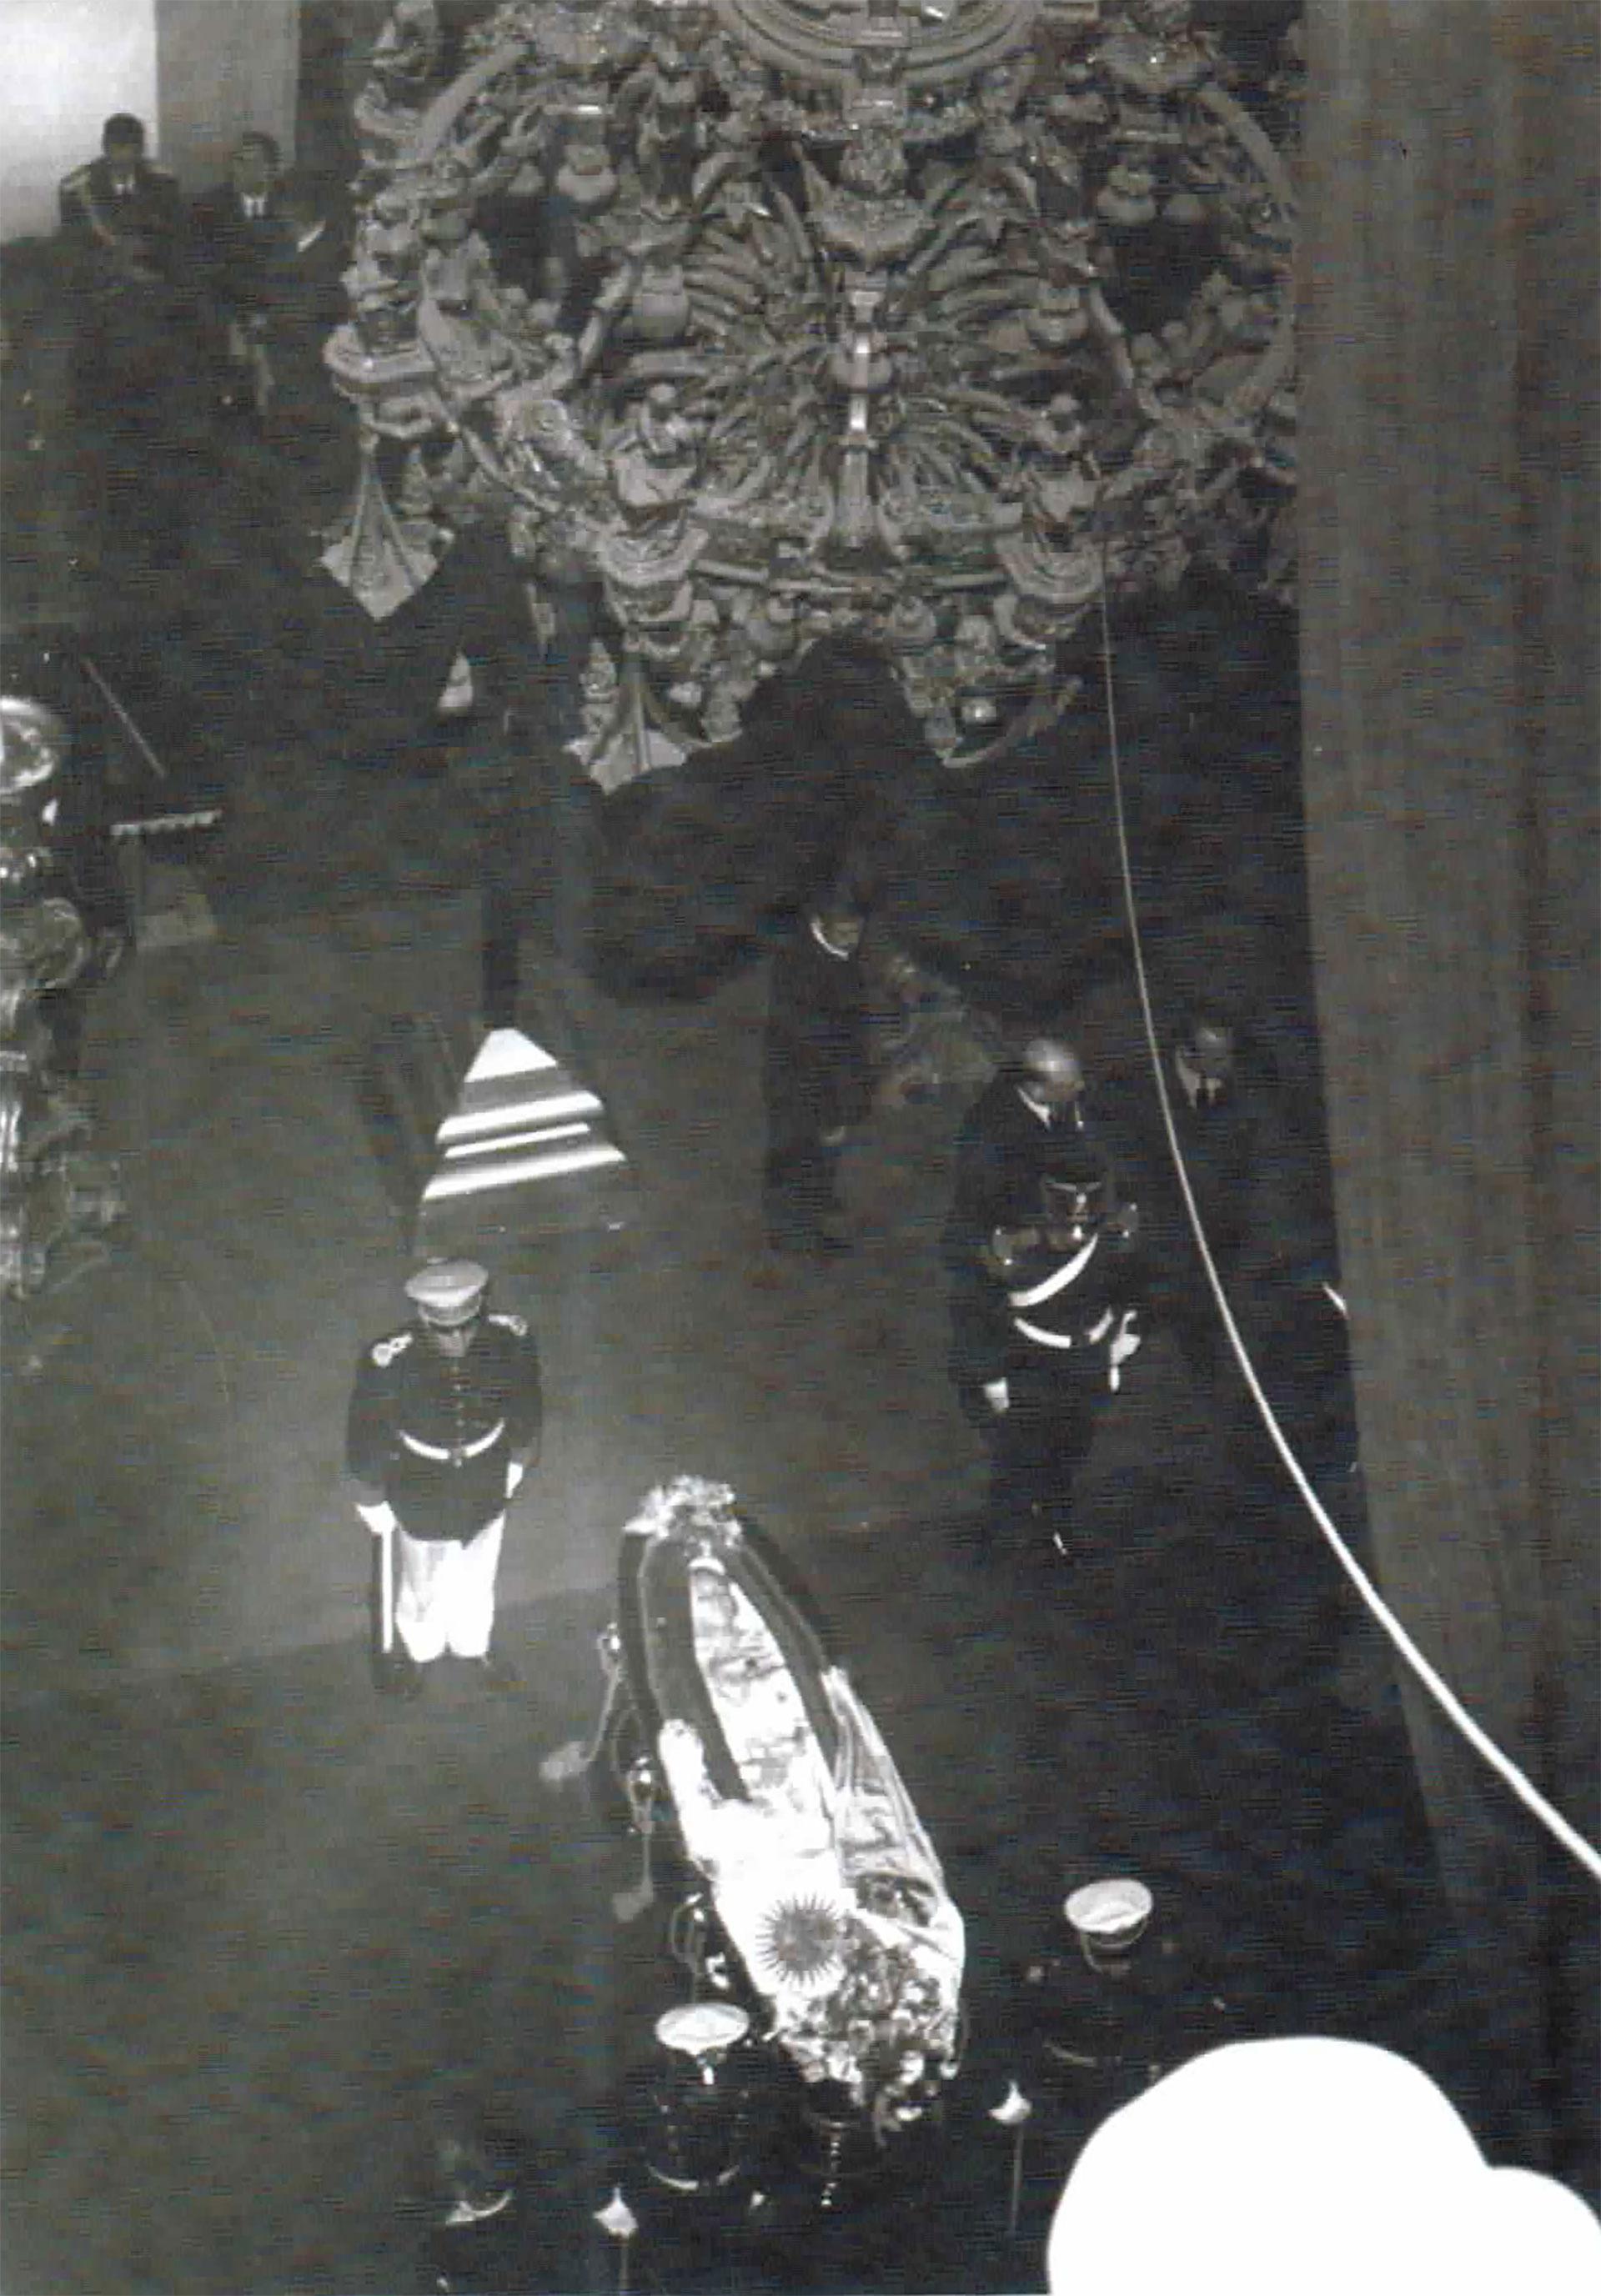 Julio de 1952. Fusco fotografía desde arriba el féretro de Evita. Se ve su rostro detrás del vidrio